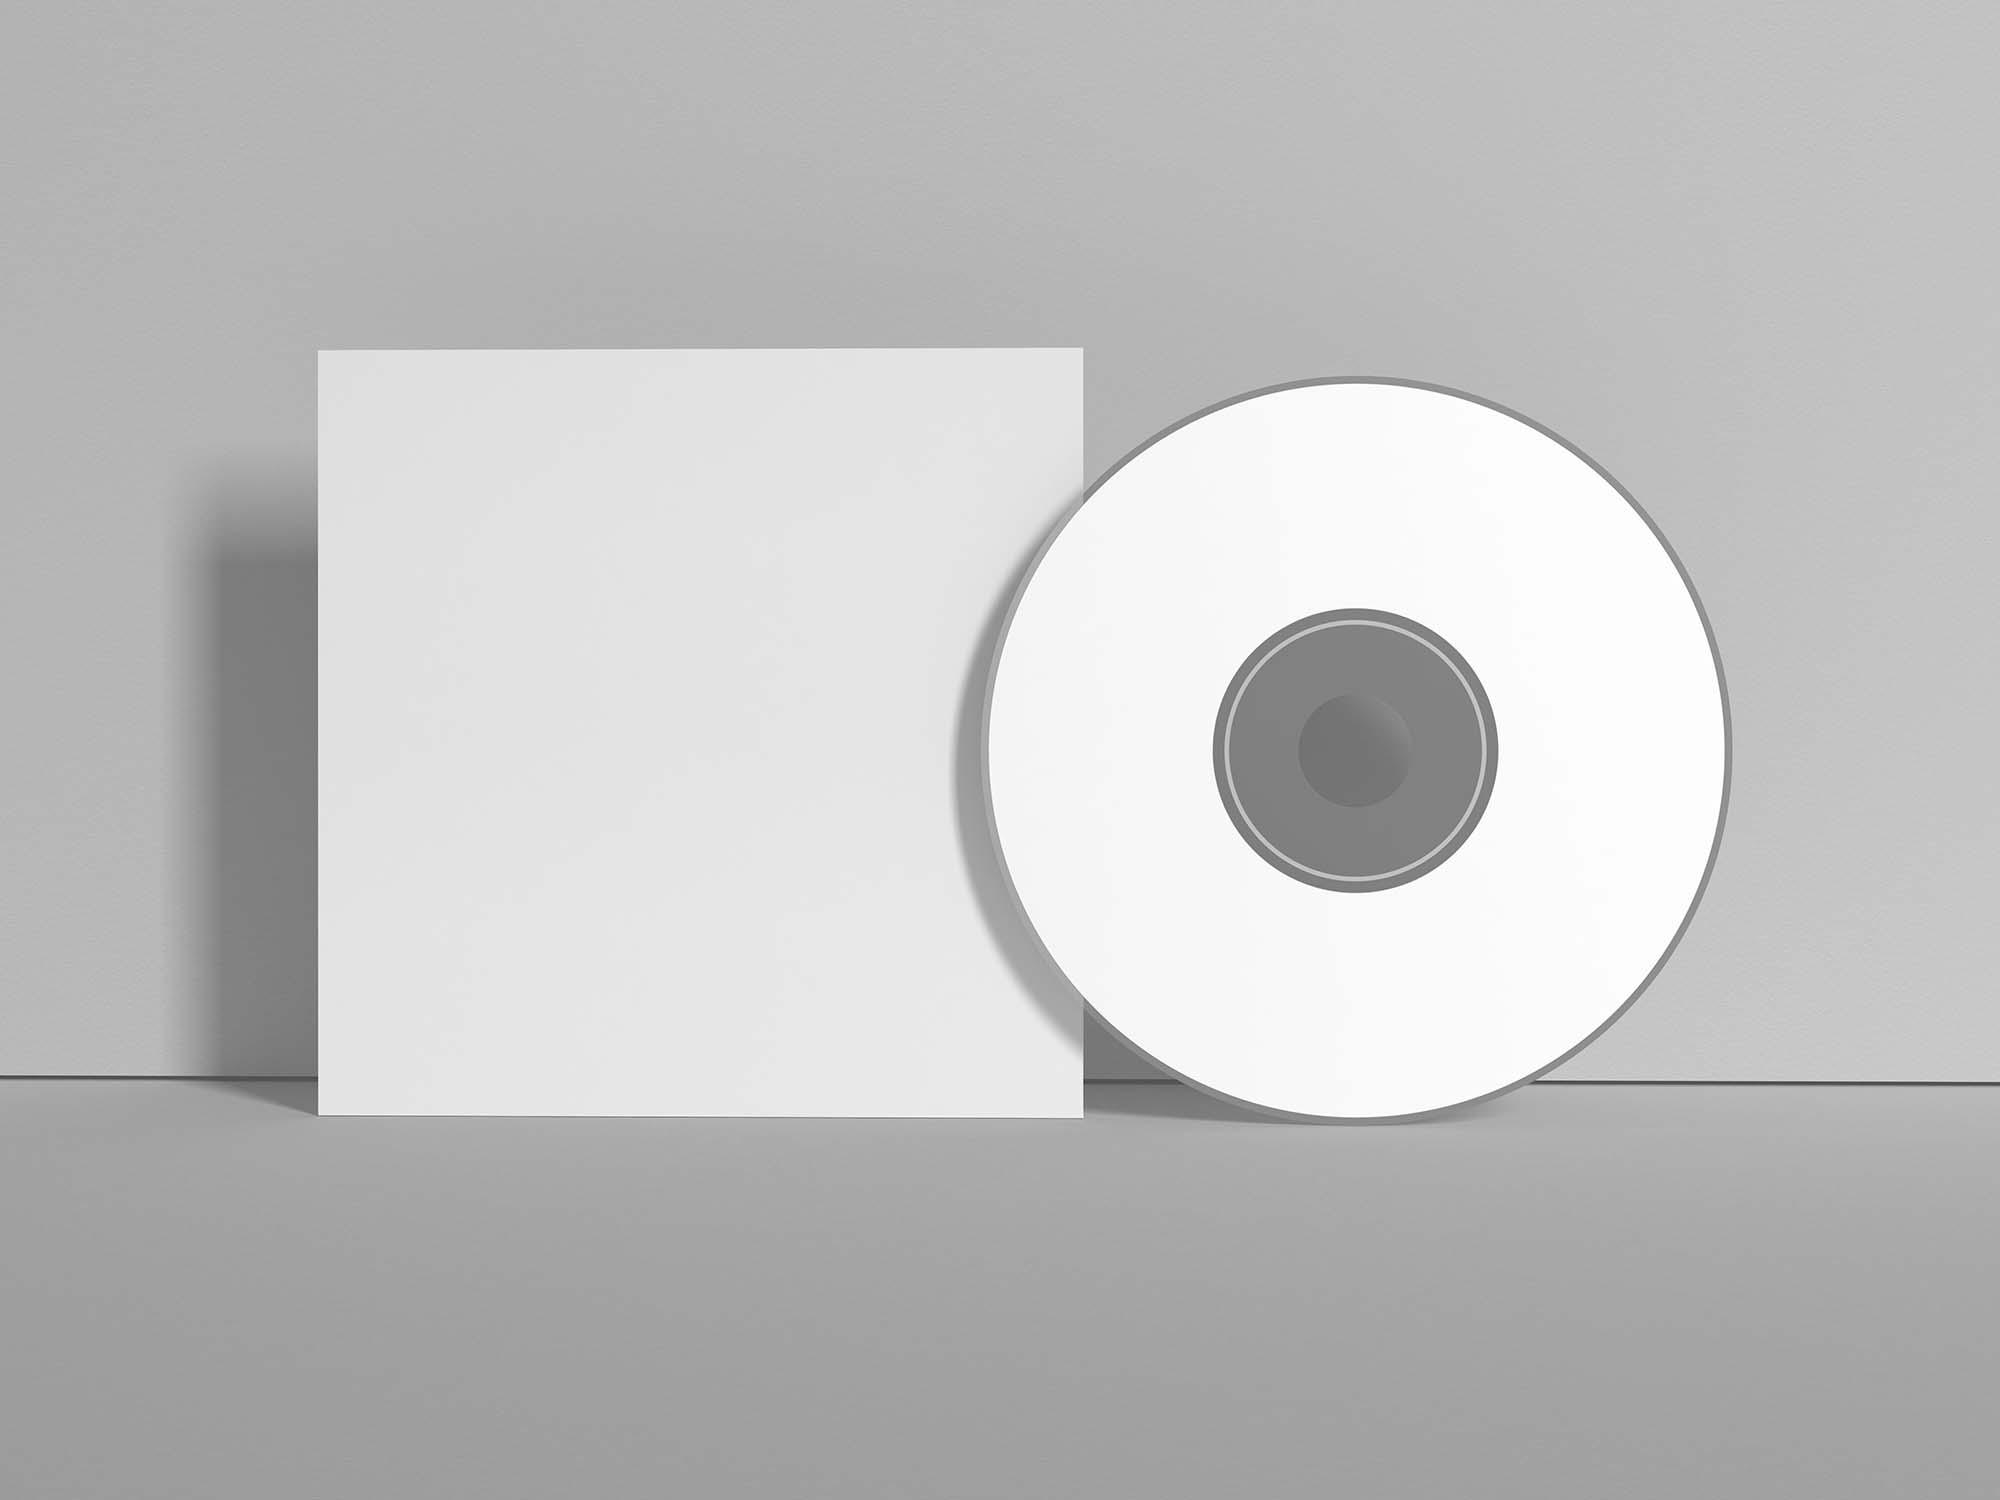 Branding CD Cover Mockup 3